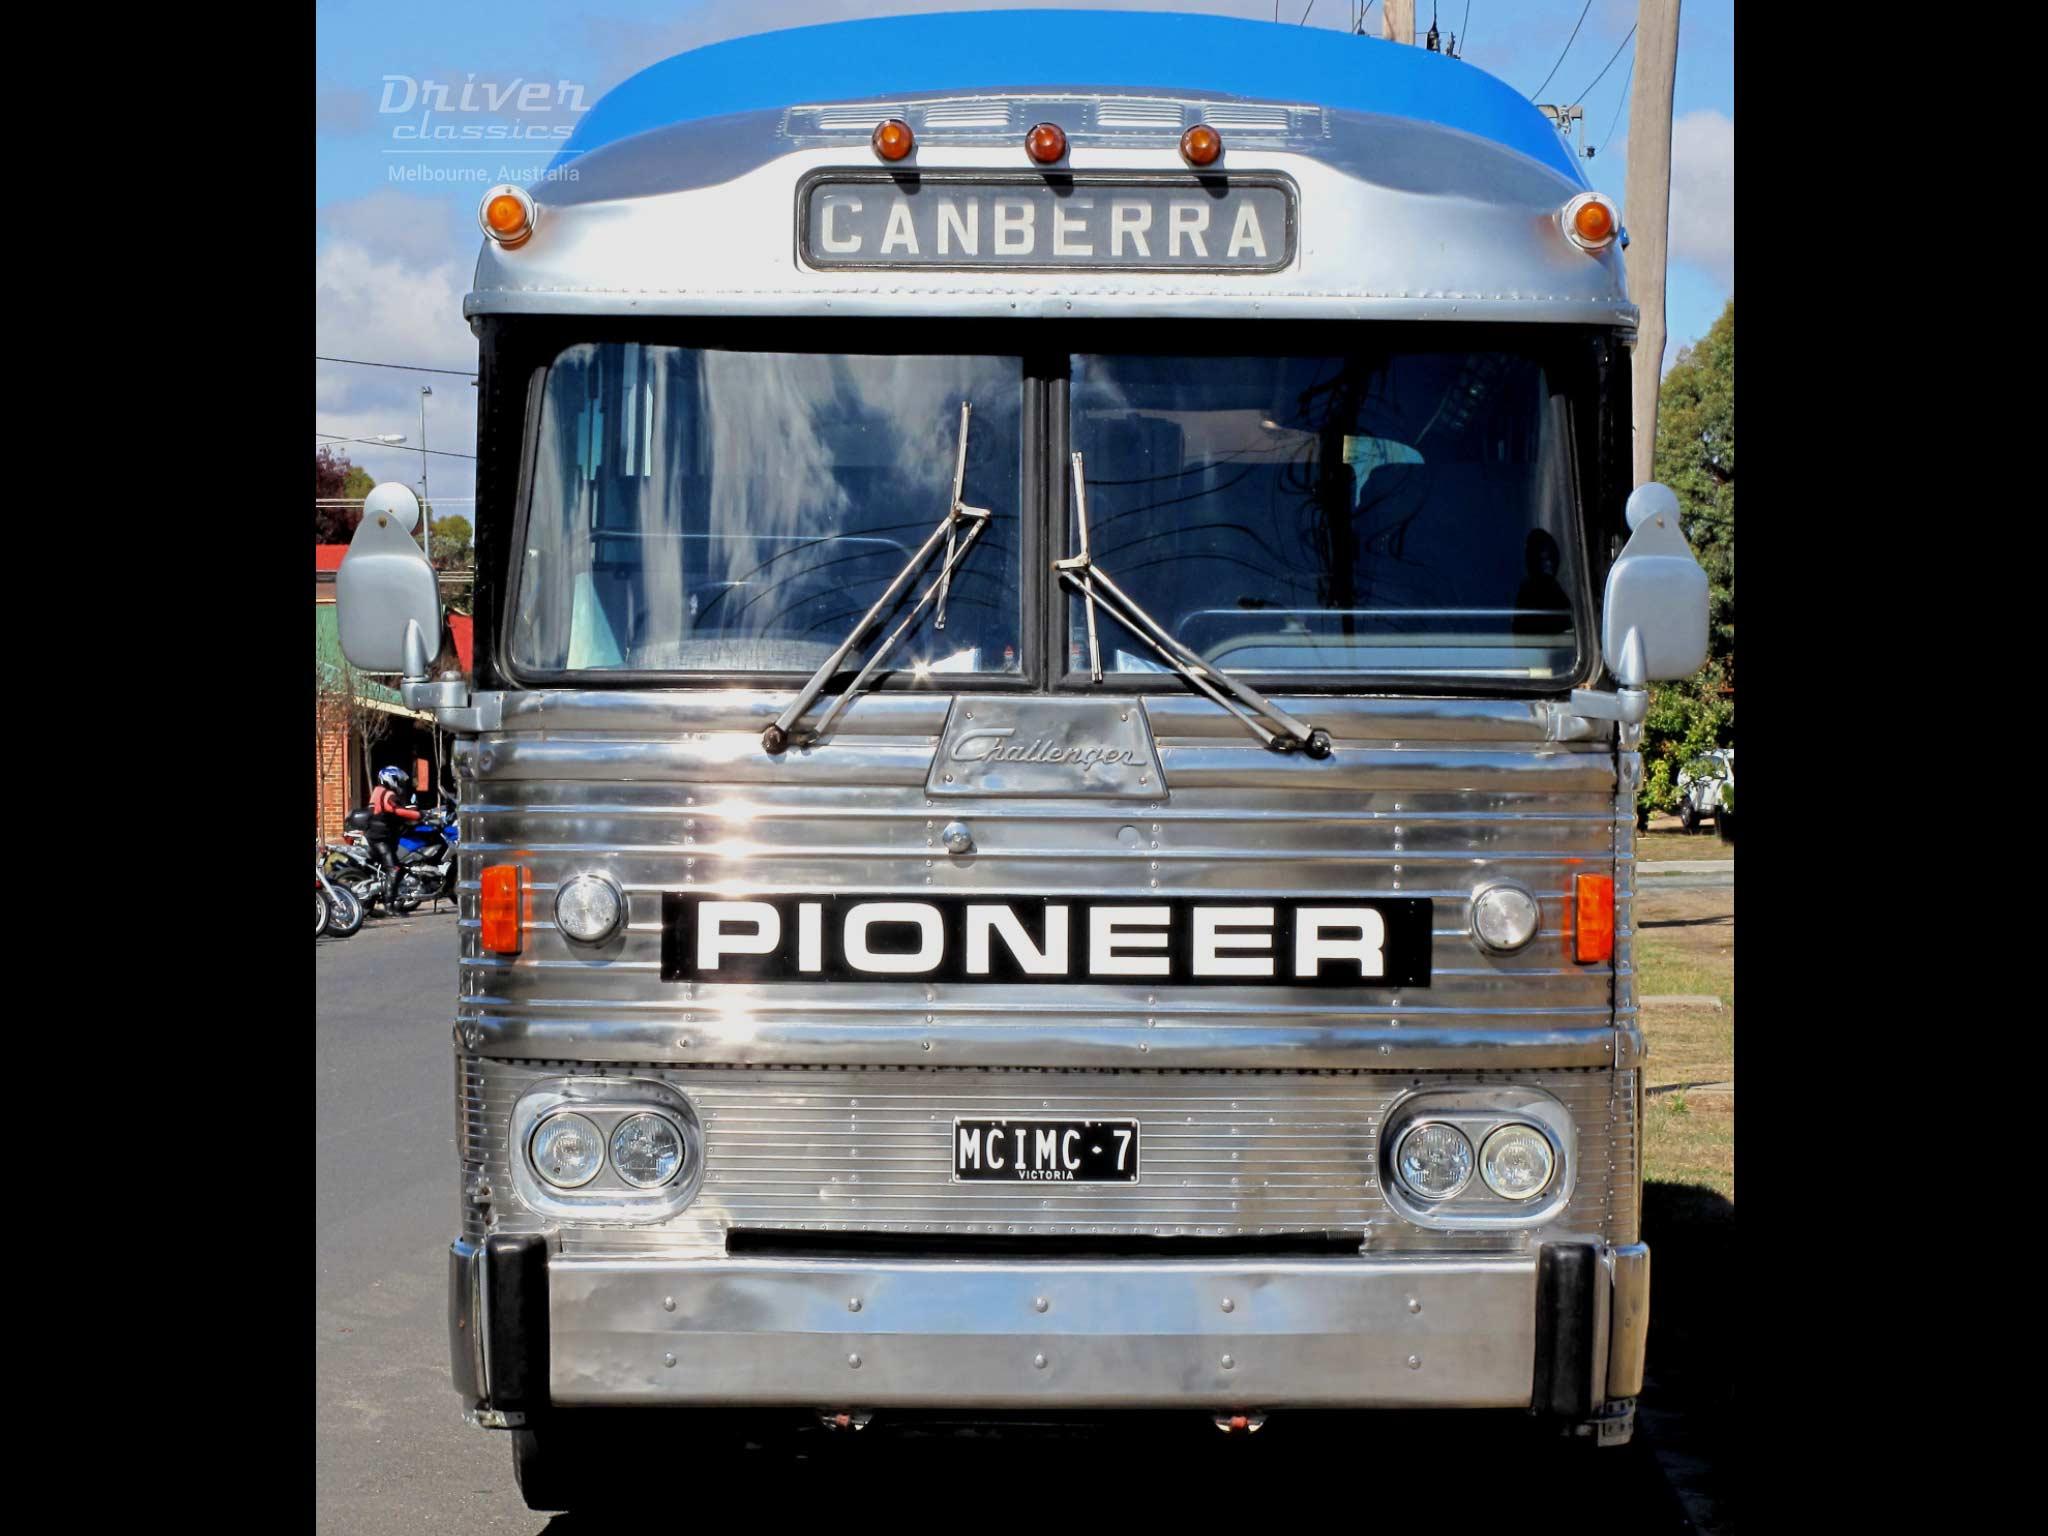 1972 MCI MC7 bus front